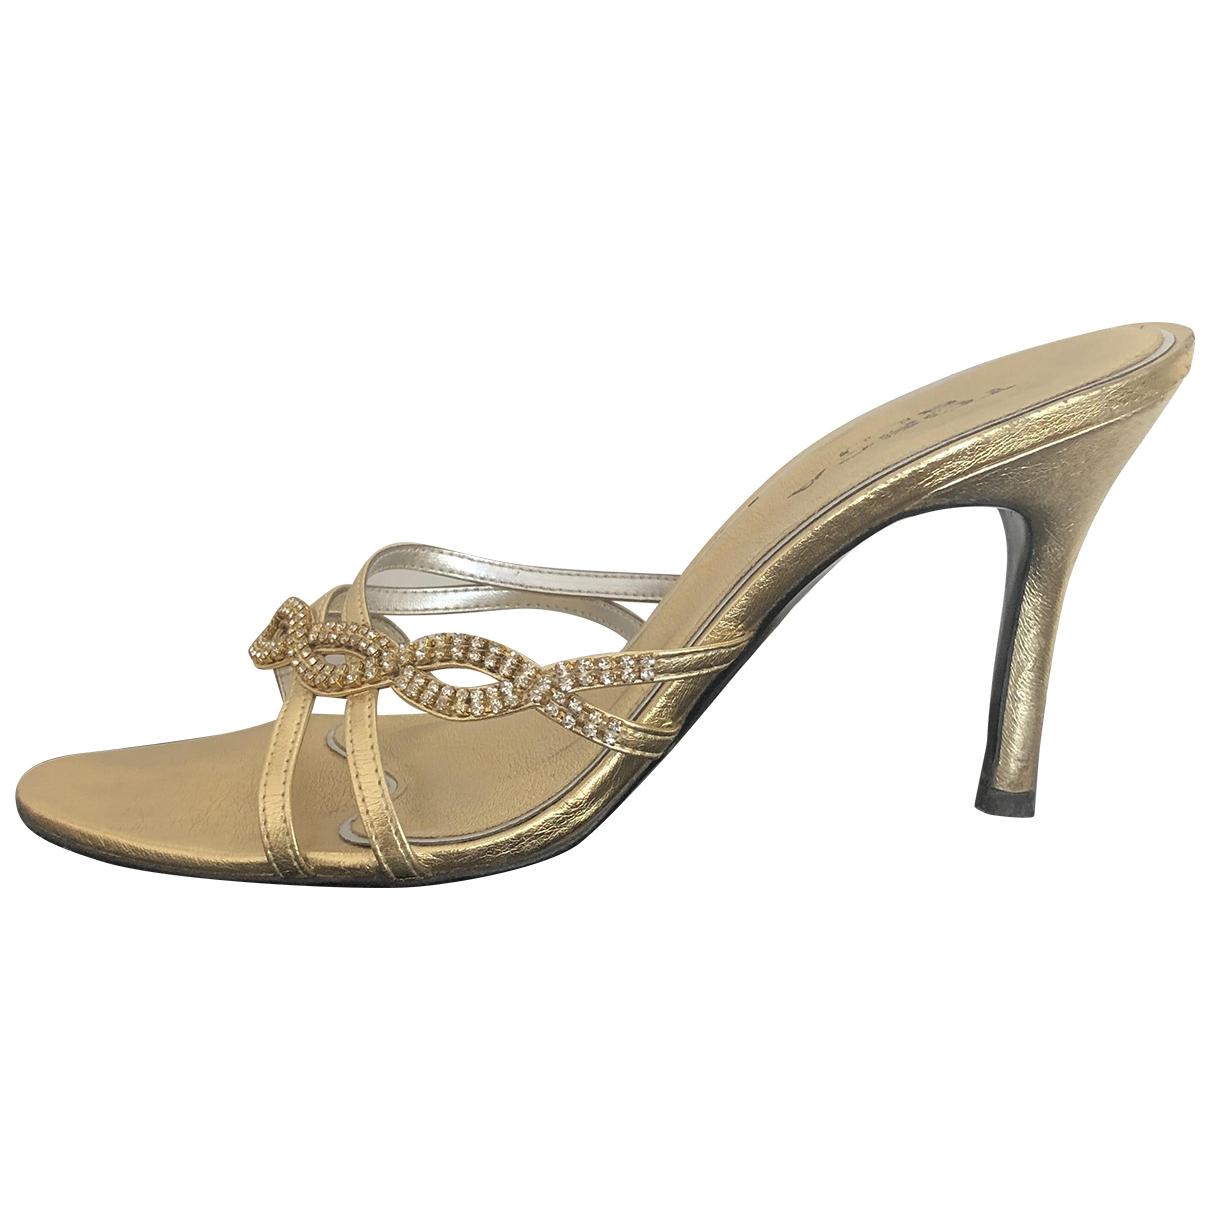 Tosca Blu - Sandales   pour femme en a paillettes - dore